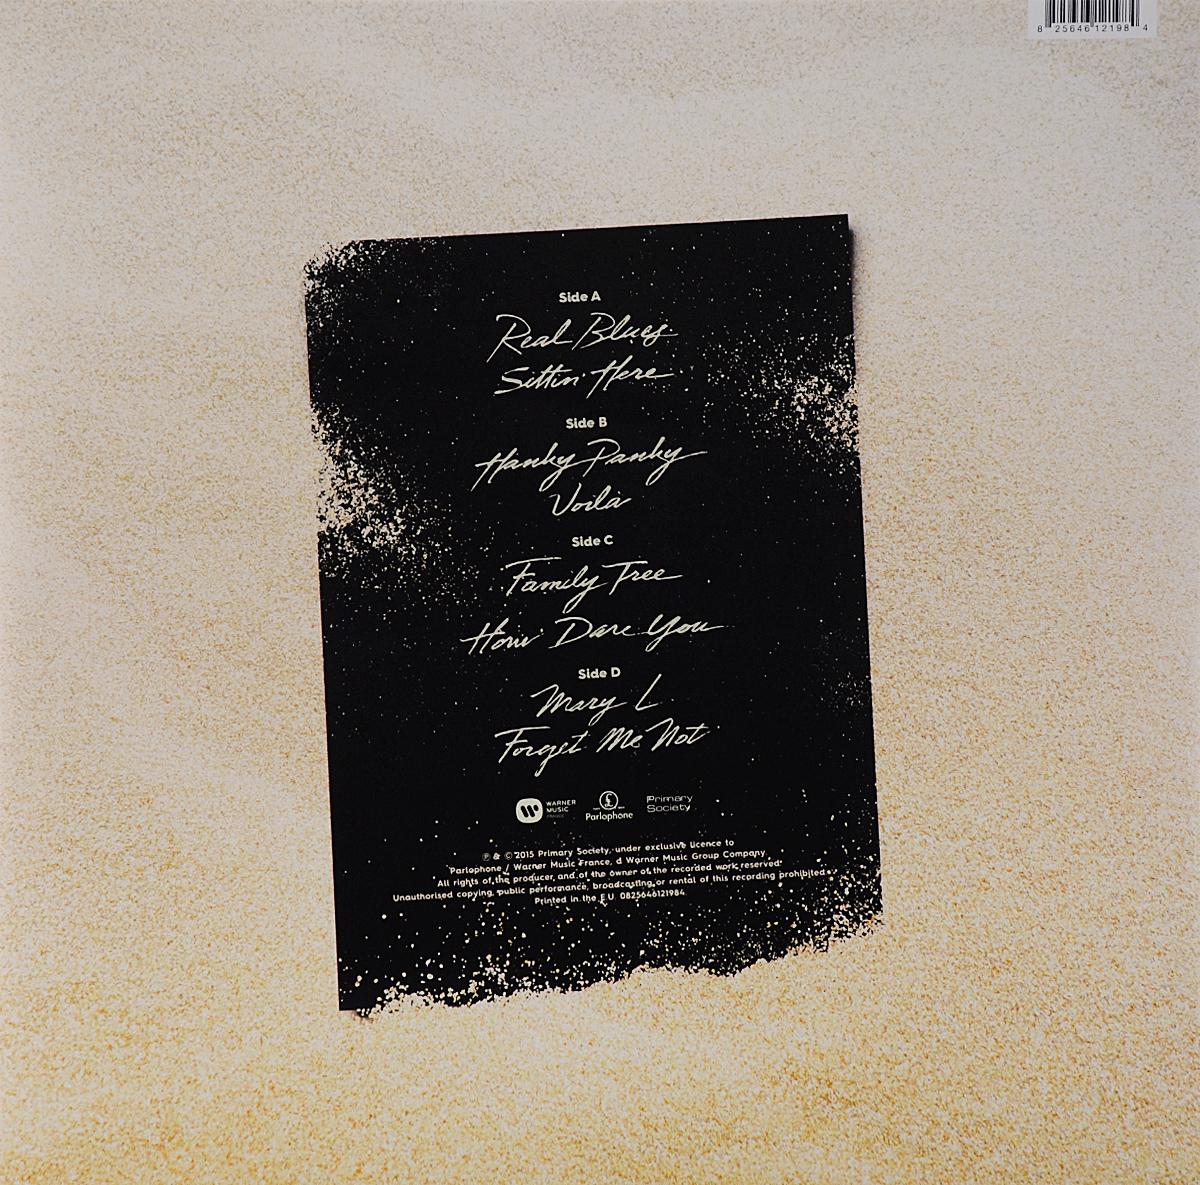 St Germain.  St Germain (2 LP) Warner Music,Parlophone